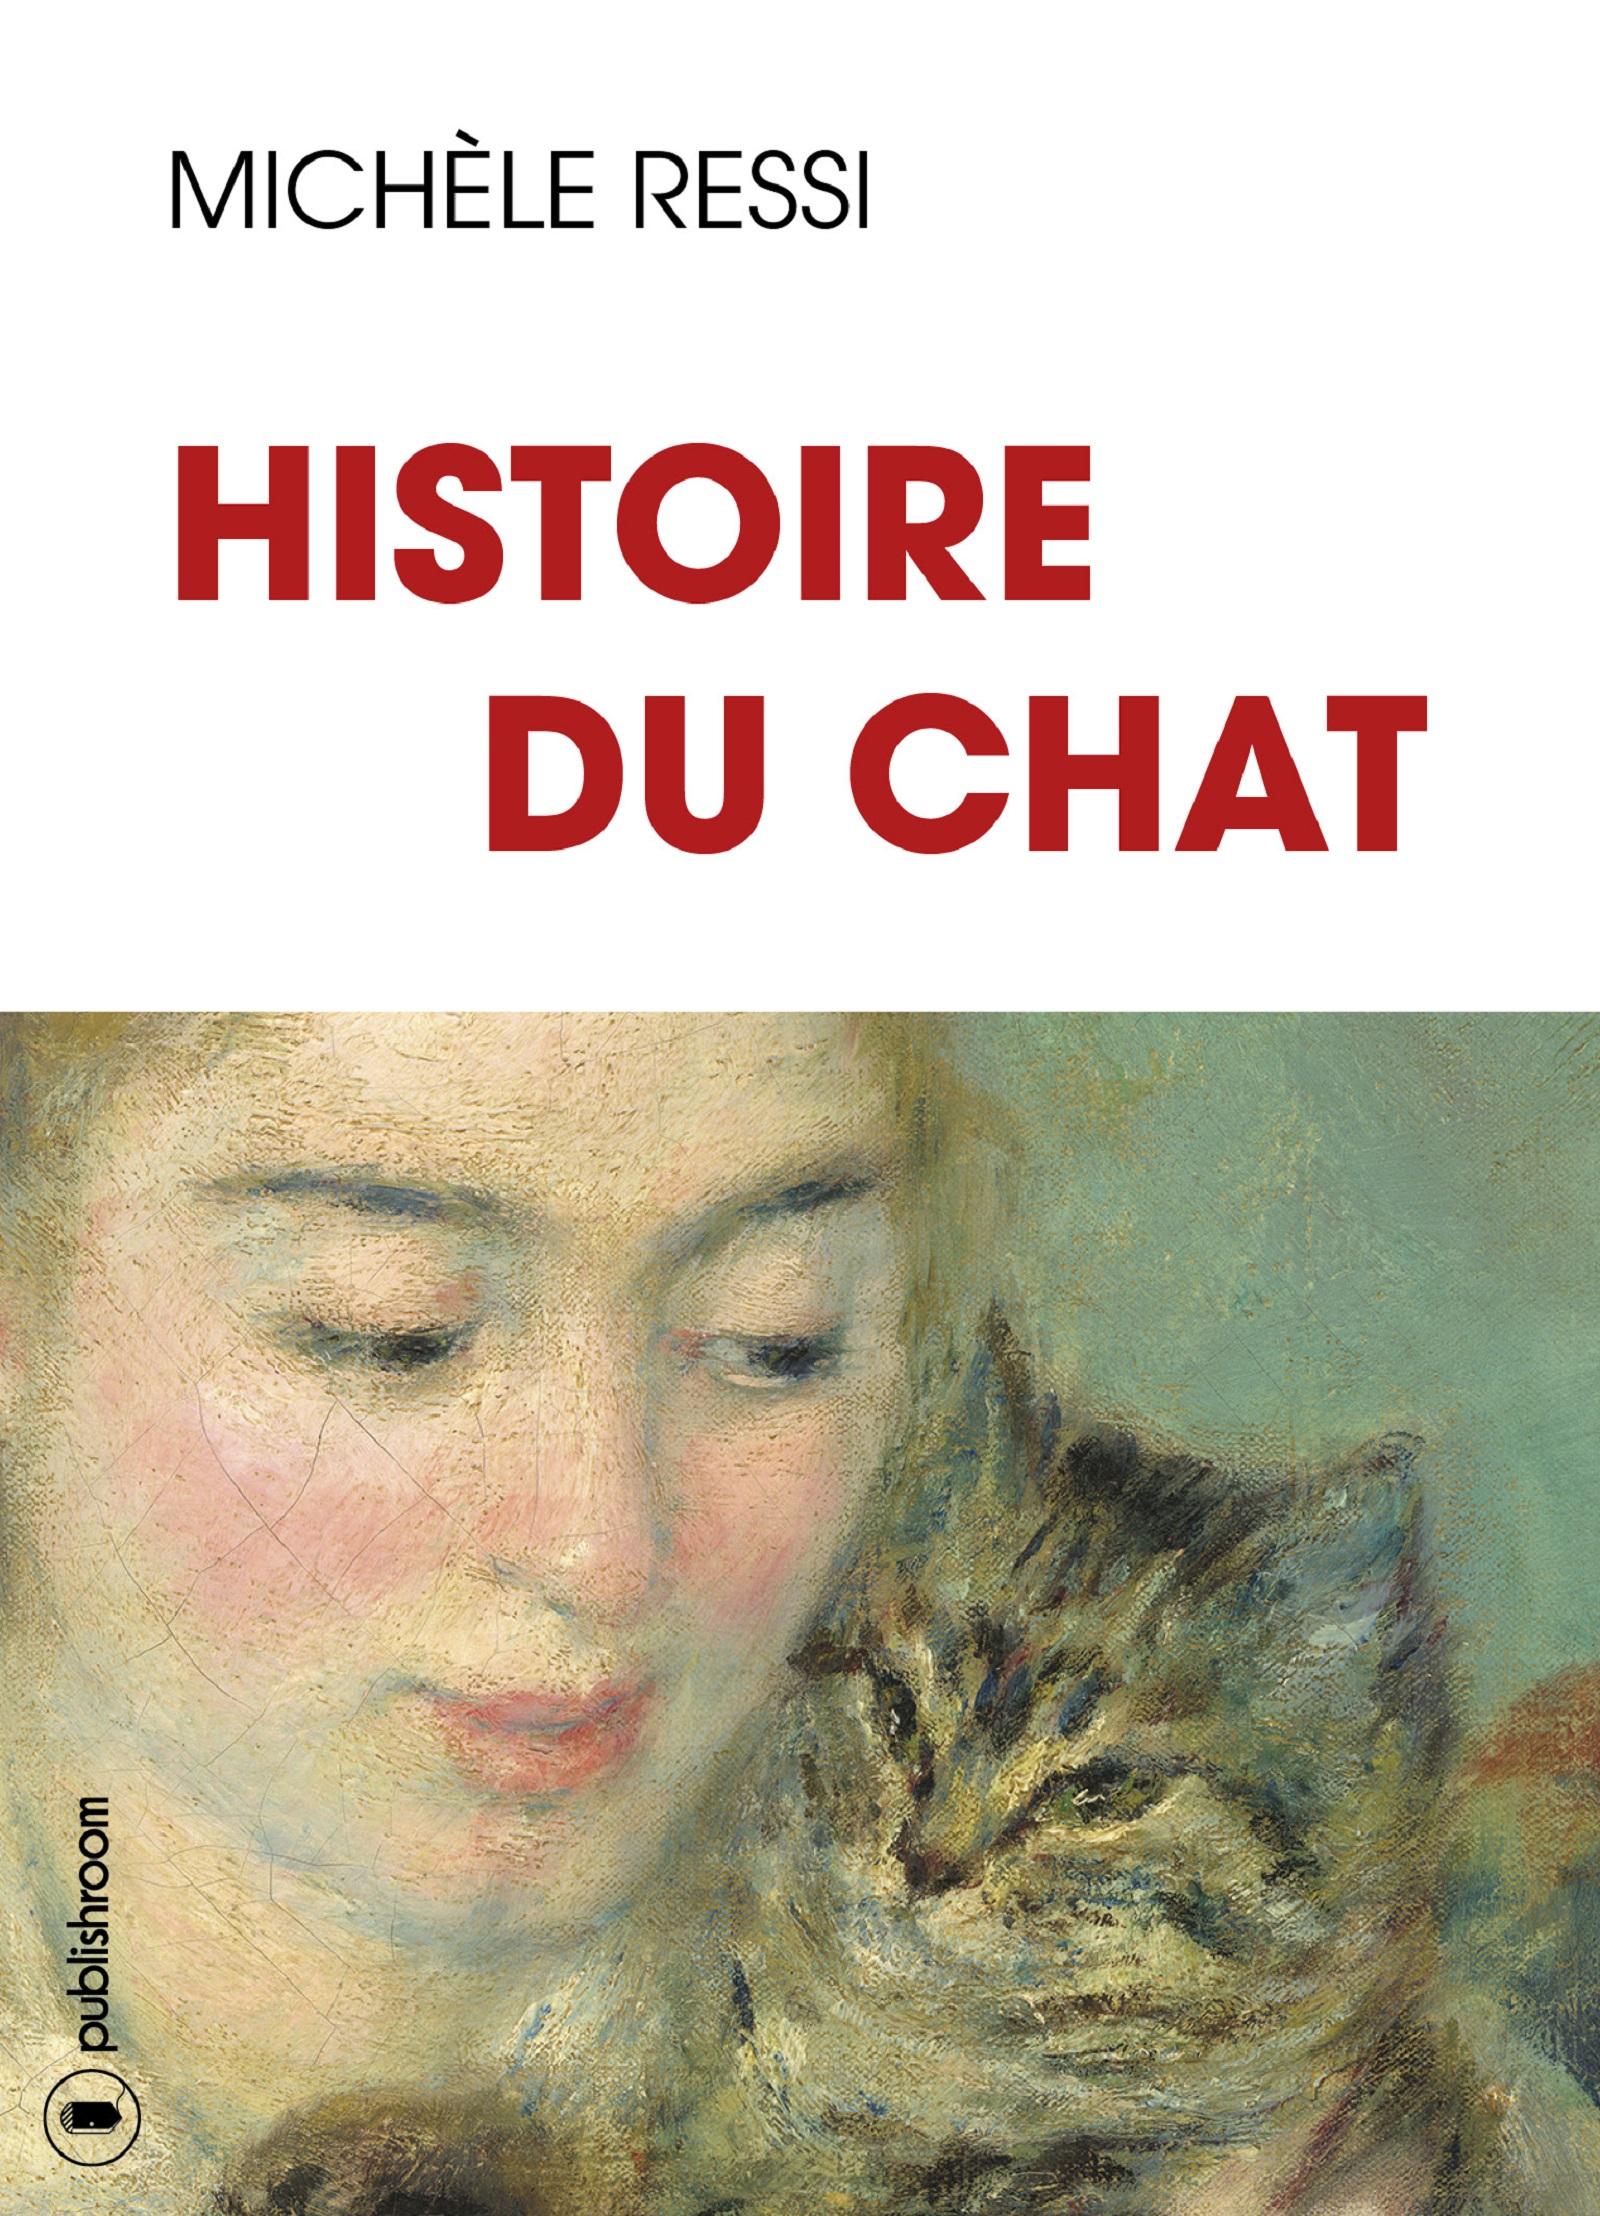 Histoire du chat, 10 000 ans d'Histoire et de légendes